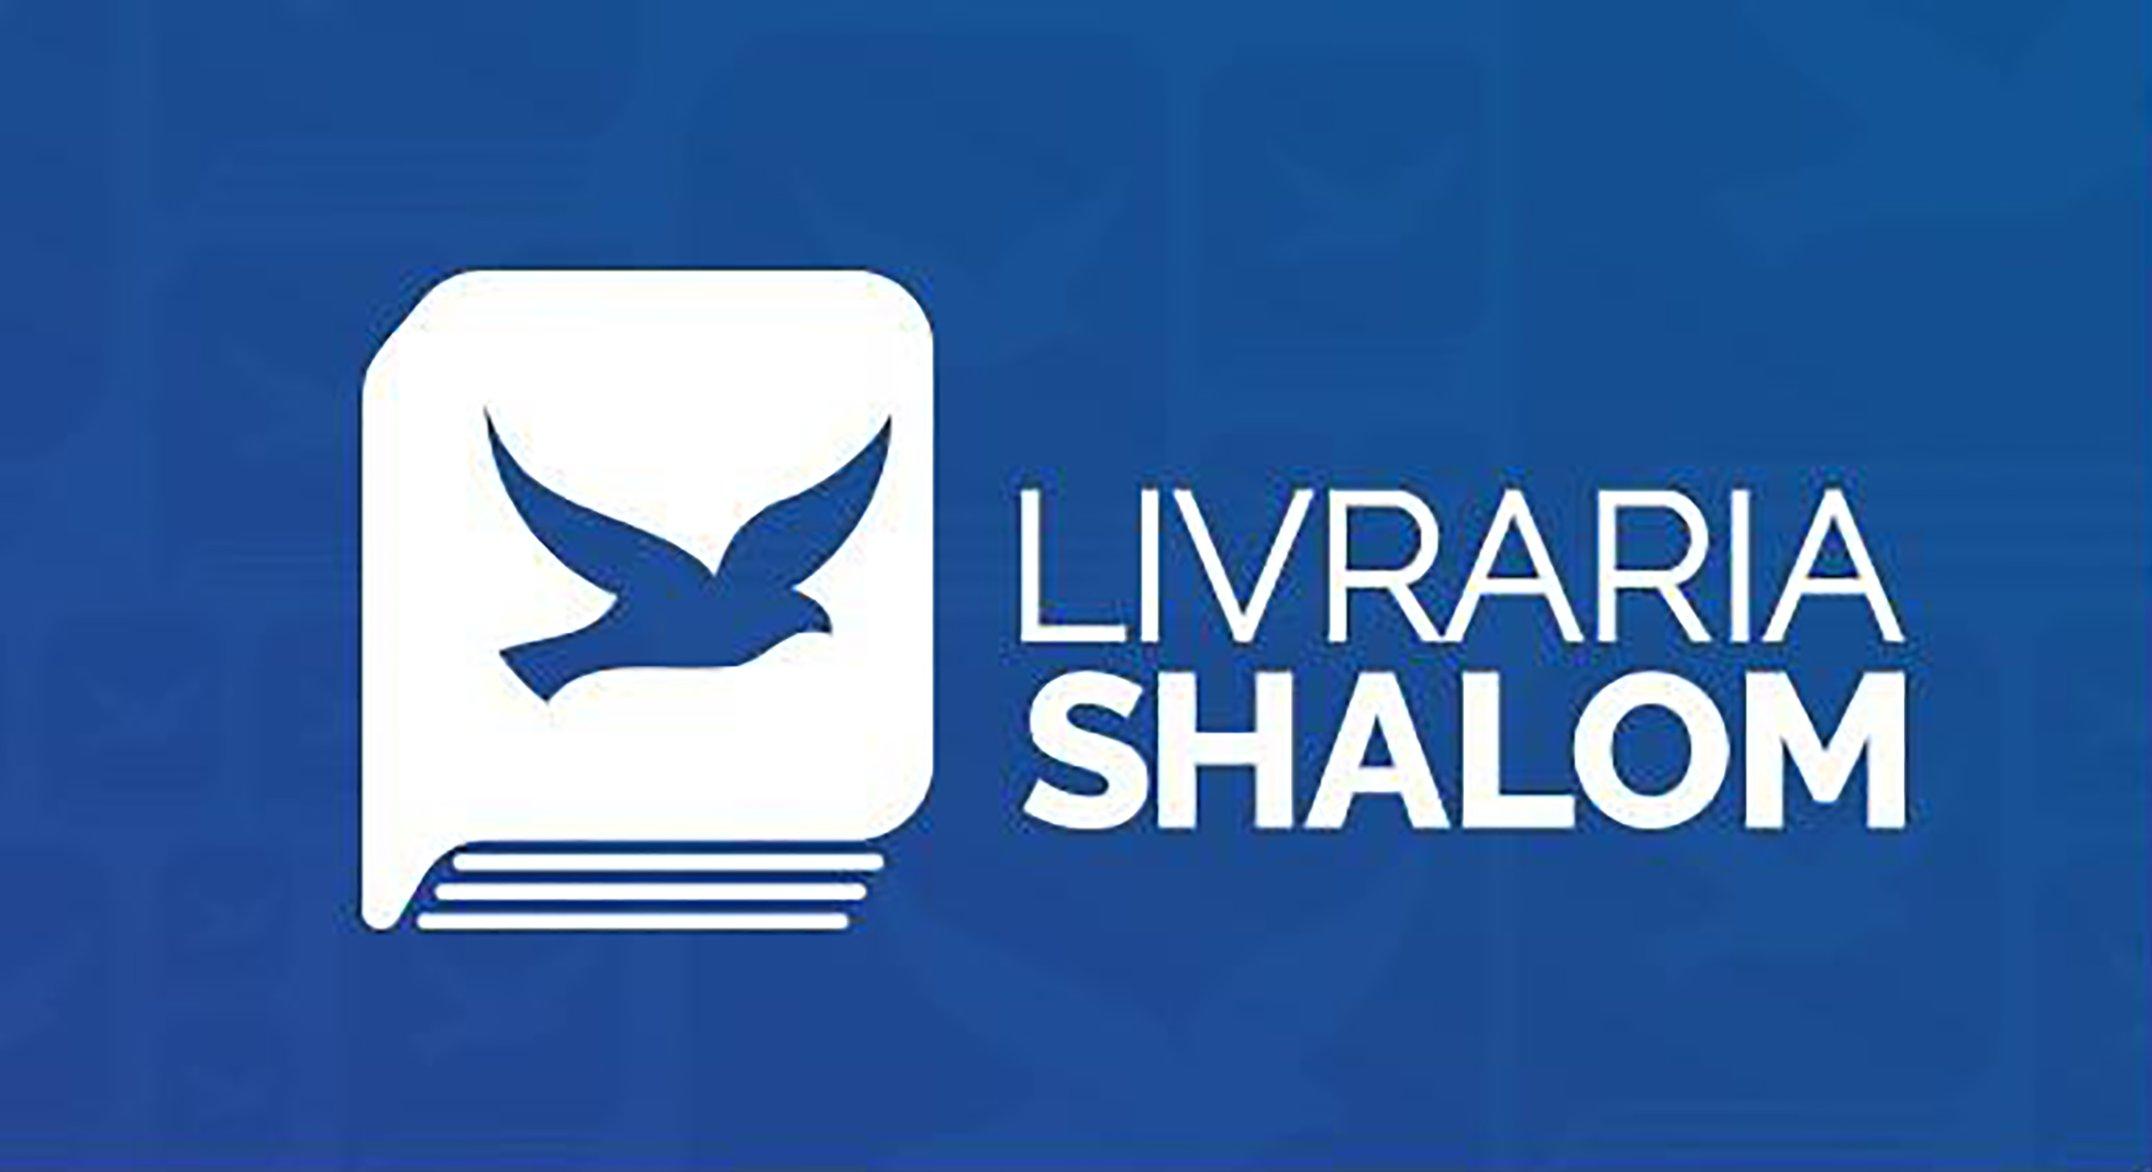 Livraria Shalom